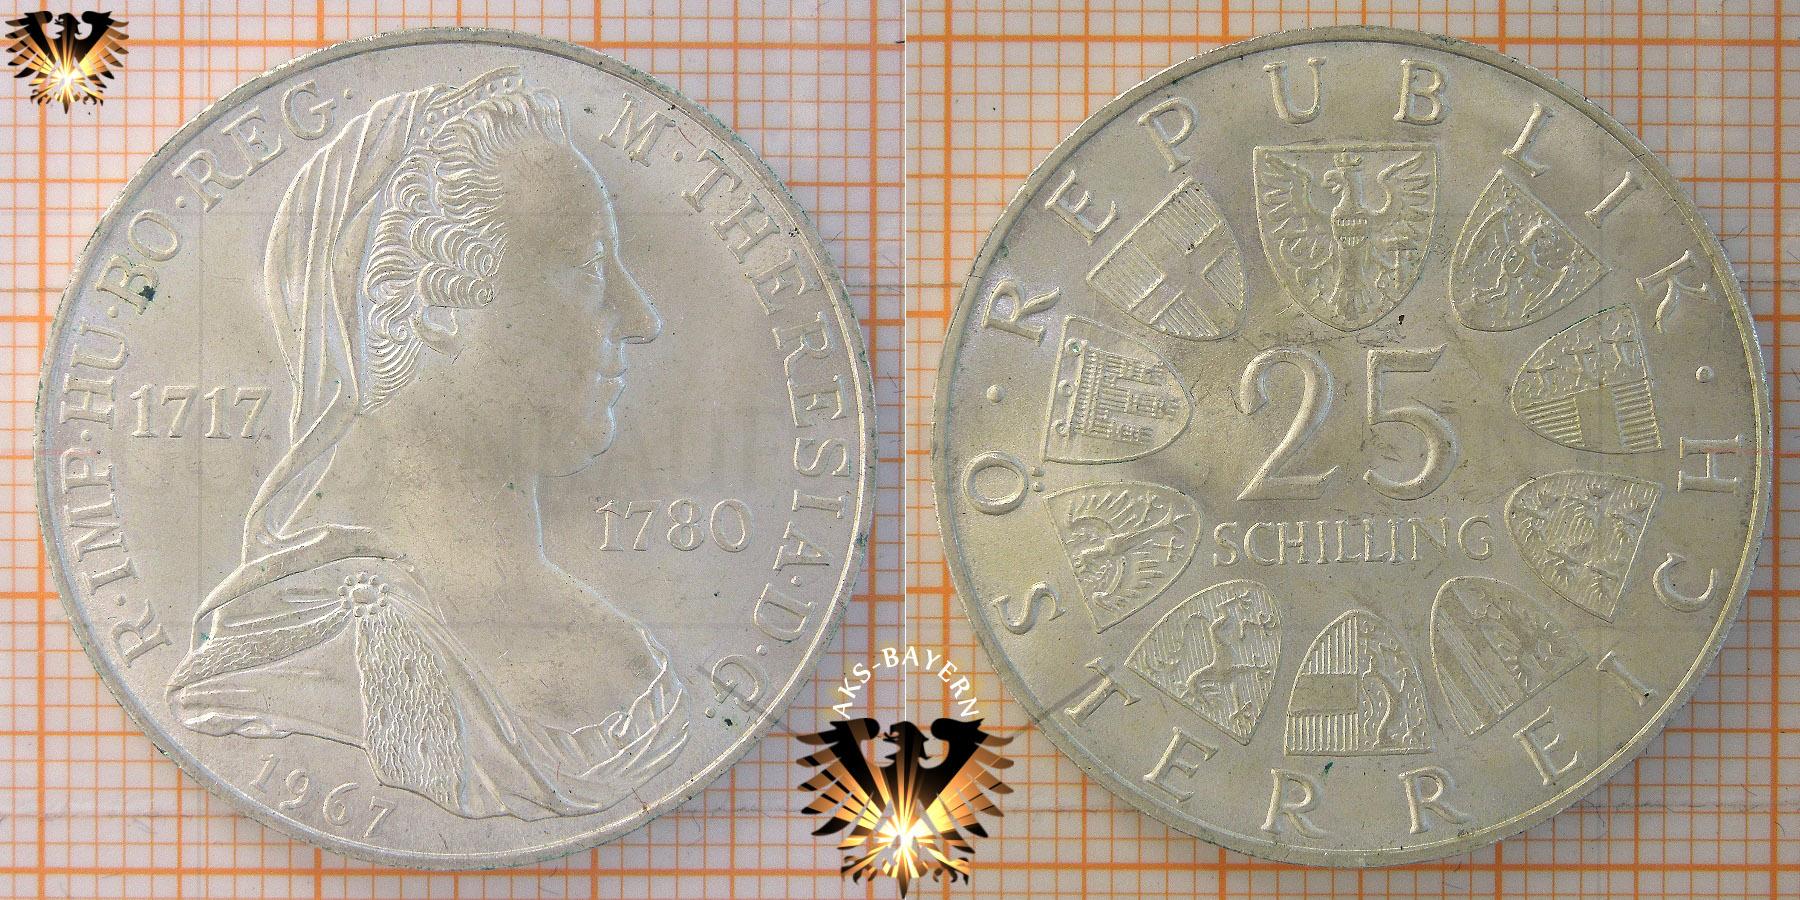 25 Schilling 1967 Maria Theresia österreich Silber Sondermünze